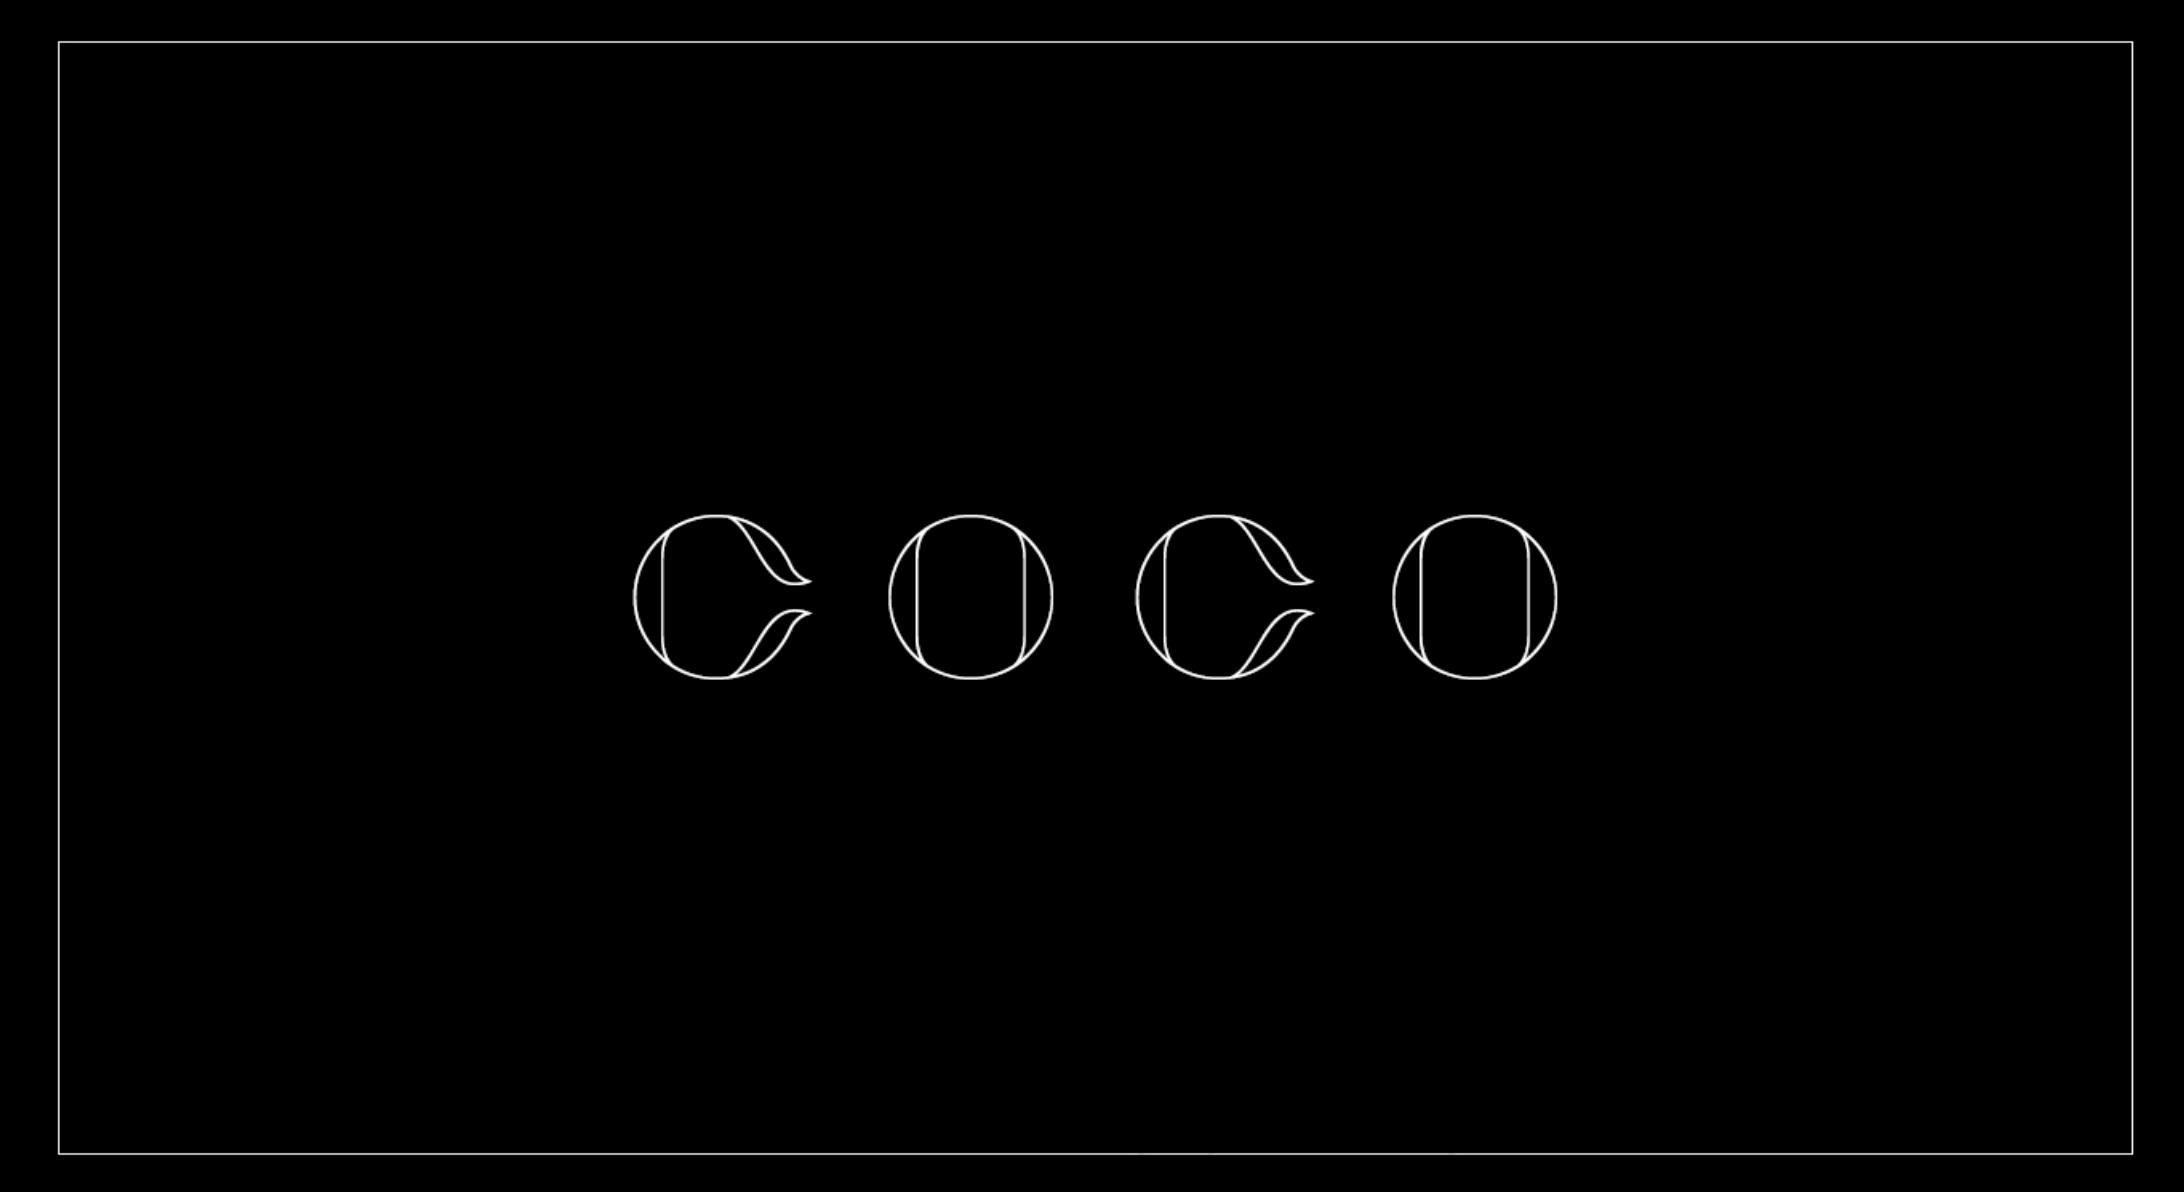 Police d'écriture gratuite COCO